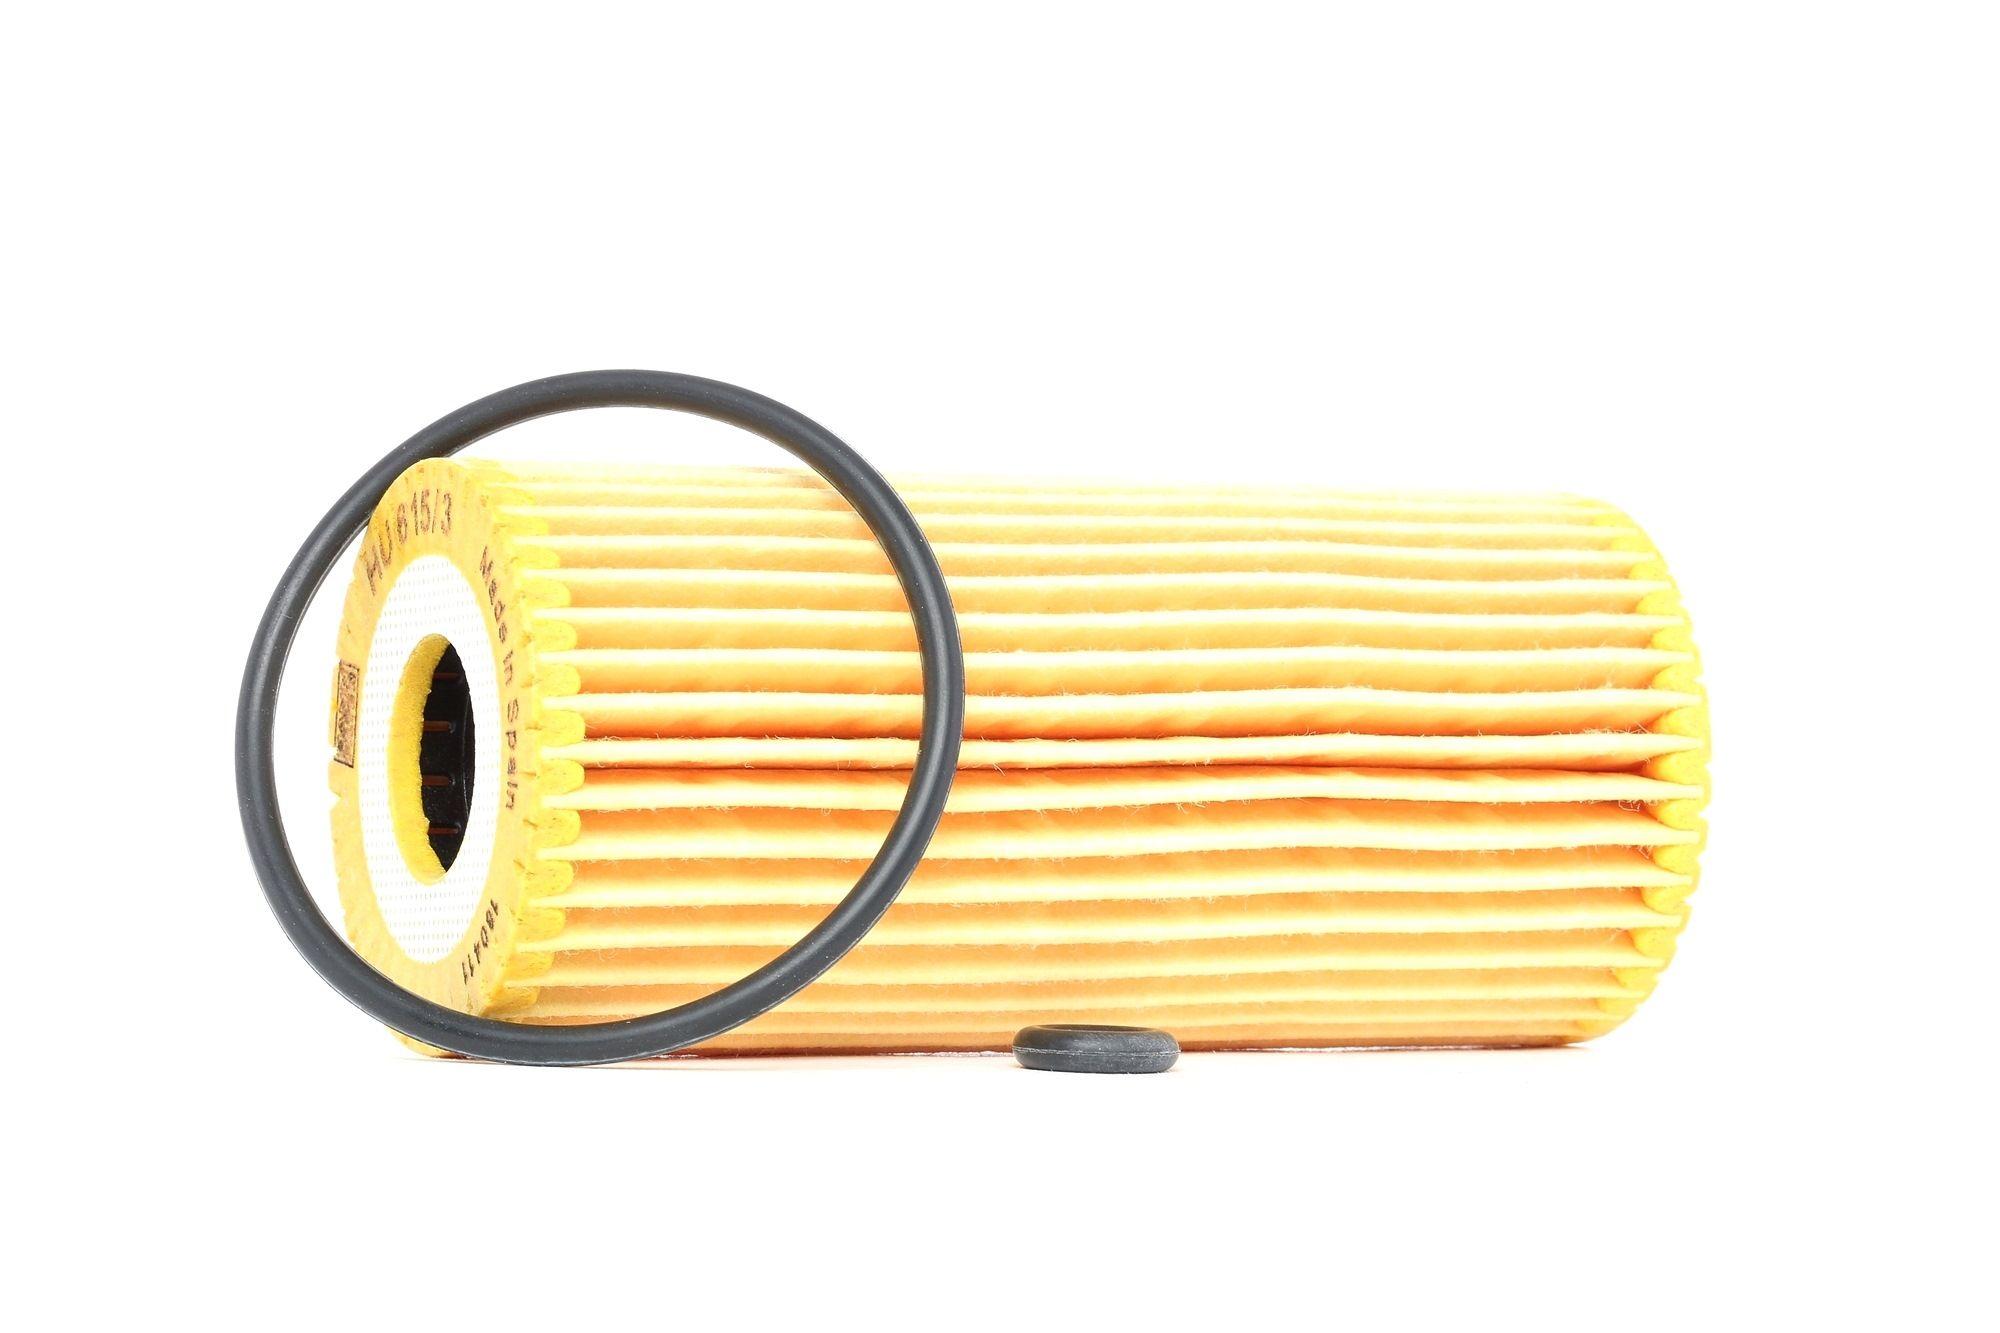 MANN-FILTER: Original Ölfilter HU 615/3 x (Innendurchmesser: 22mm, Innendurchmesser 2: 22mm, Ø: 53mm, Höhe: 116mm)